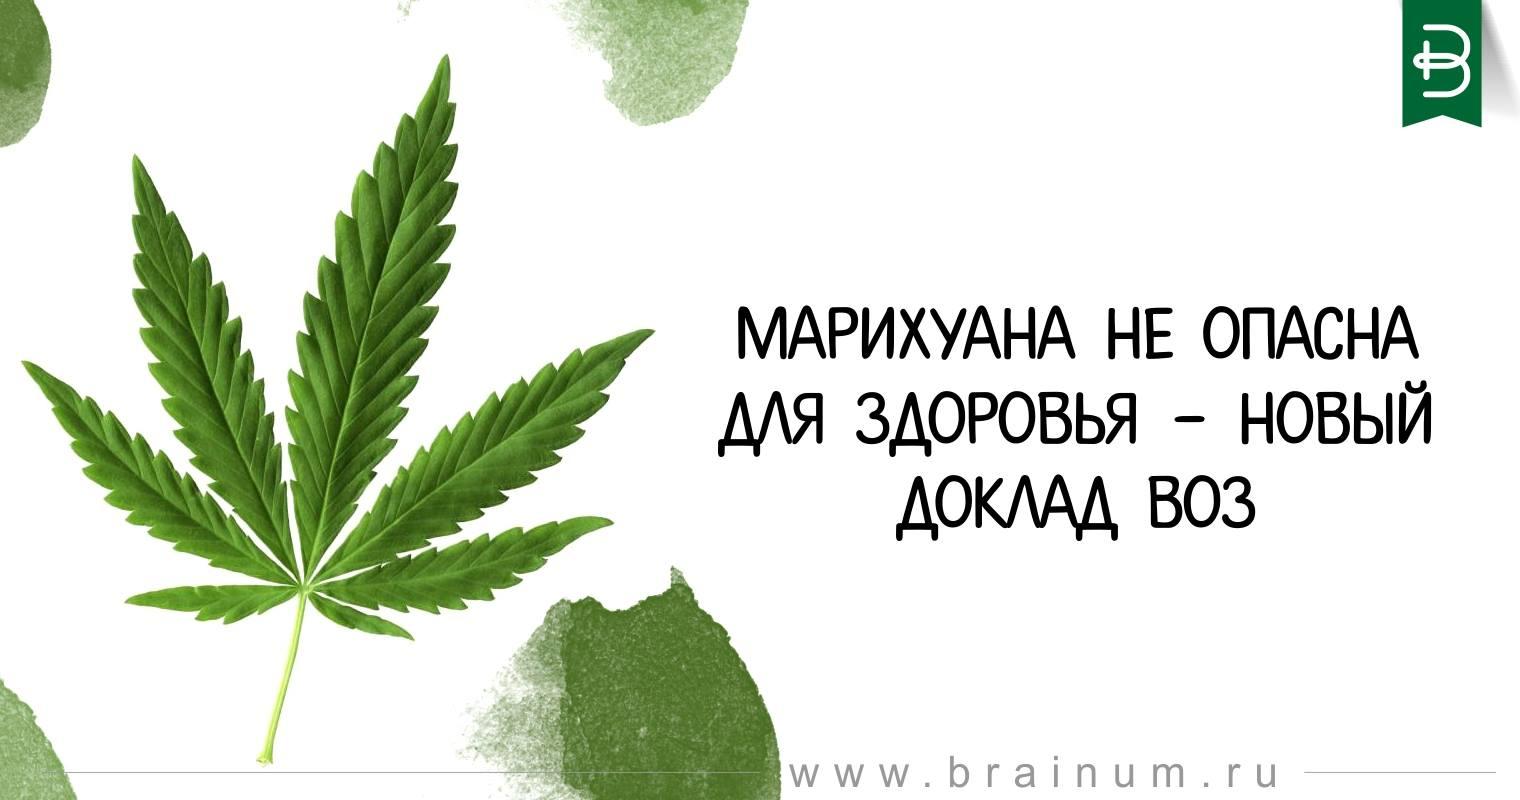 Марихуана доклад продам коноплю в украине